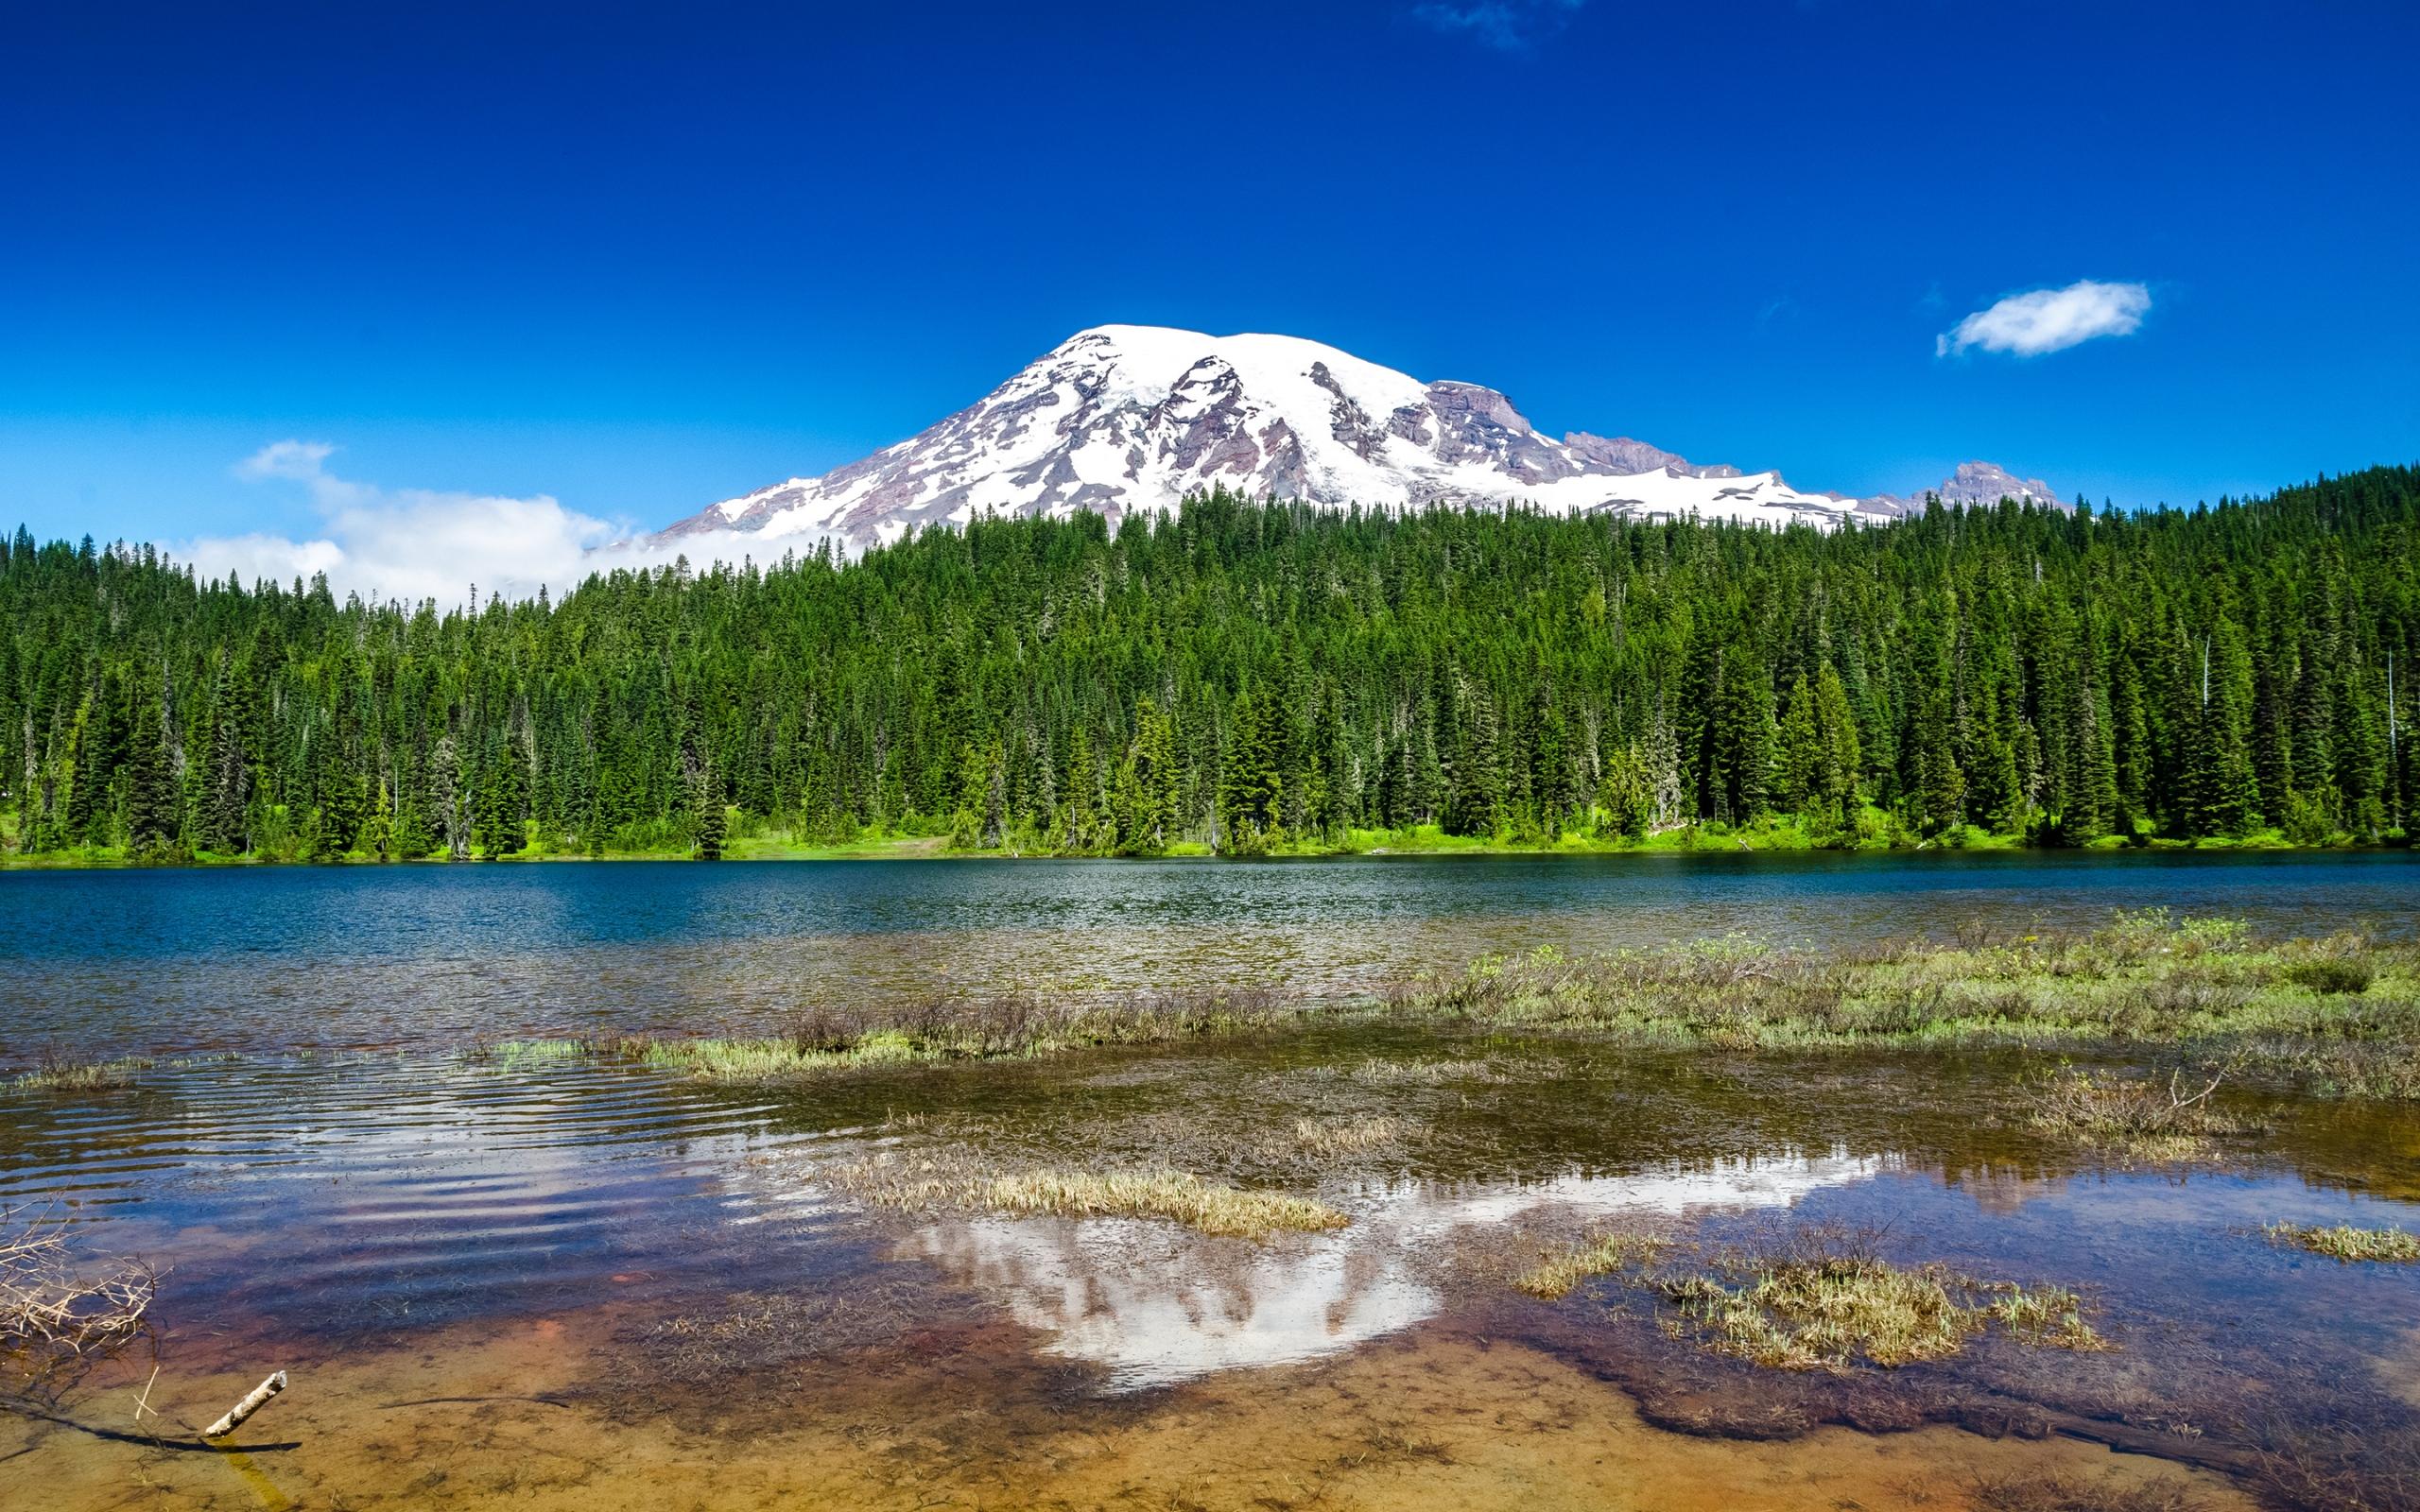 Озеро, гора, зеленый лес  № 621640 загрузить